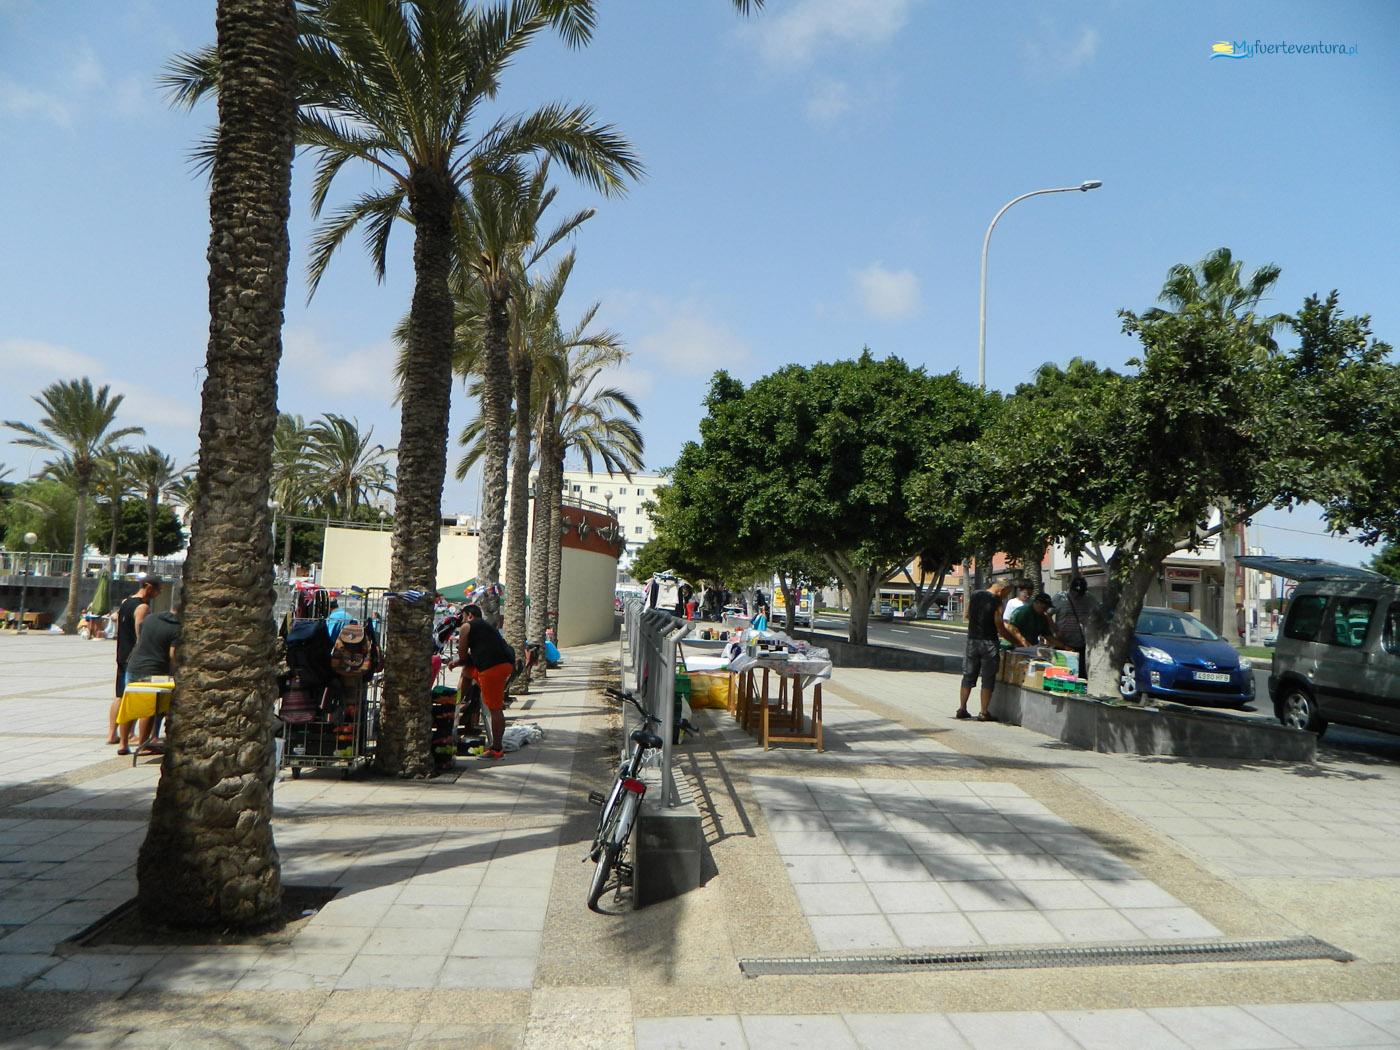 Puerto del Rosario - Plaza de la Paz